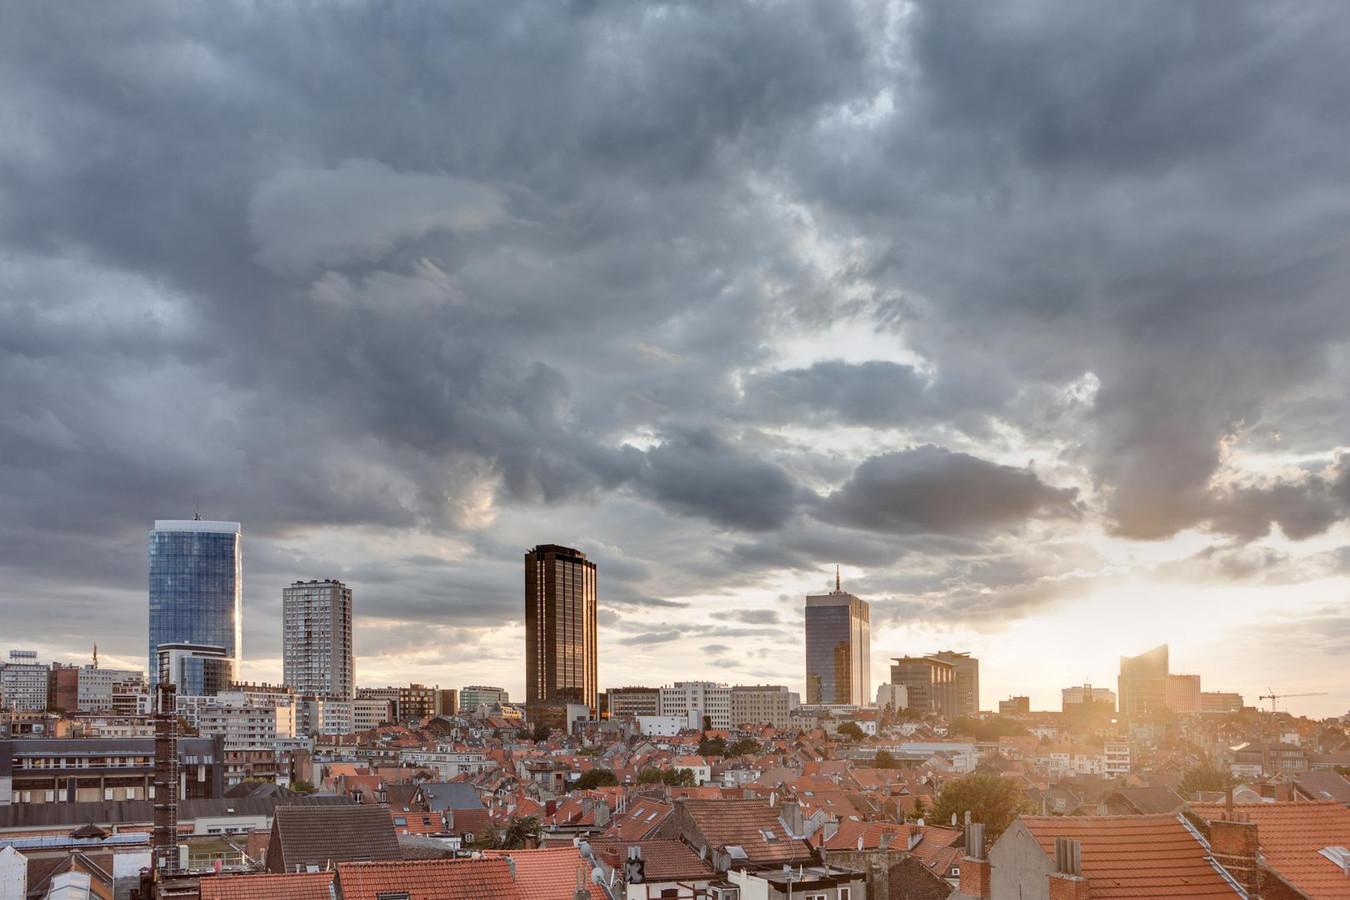 Le ciel bruxellois, comme ailleurs en Belgique, se partagera principalement entre nuages et éclaircies ce week-end, avec des températures dépassant les 20 degrés.